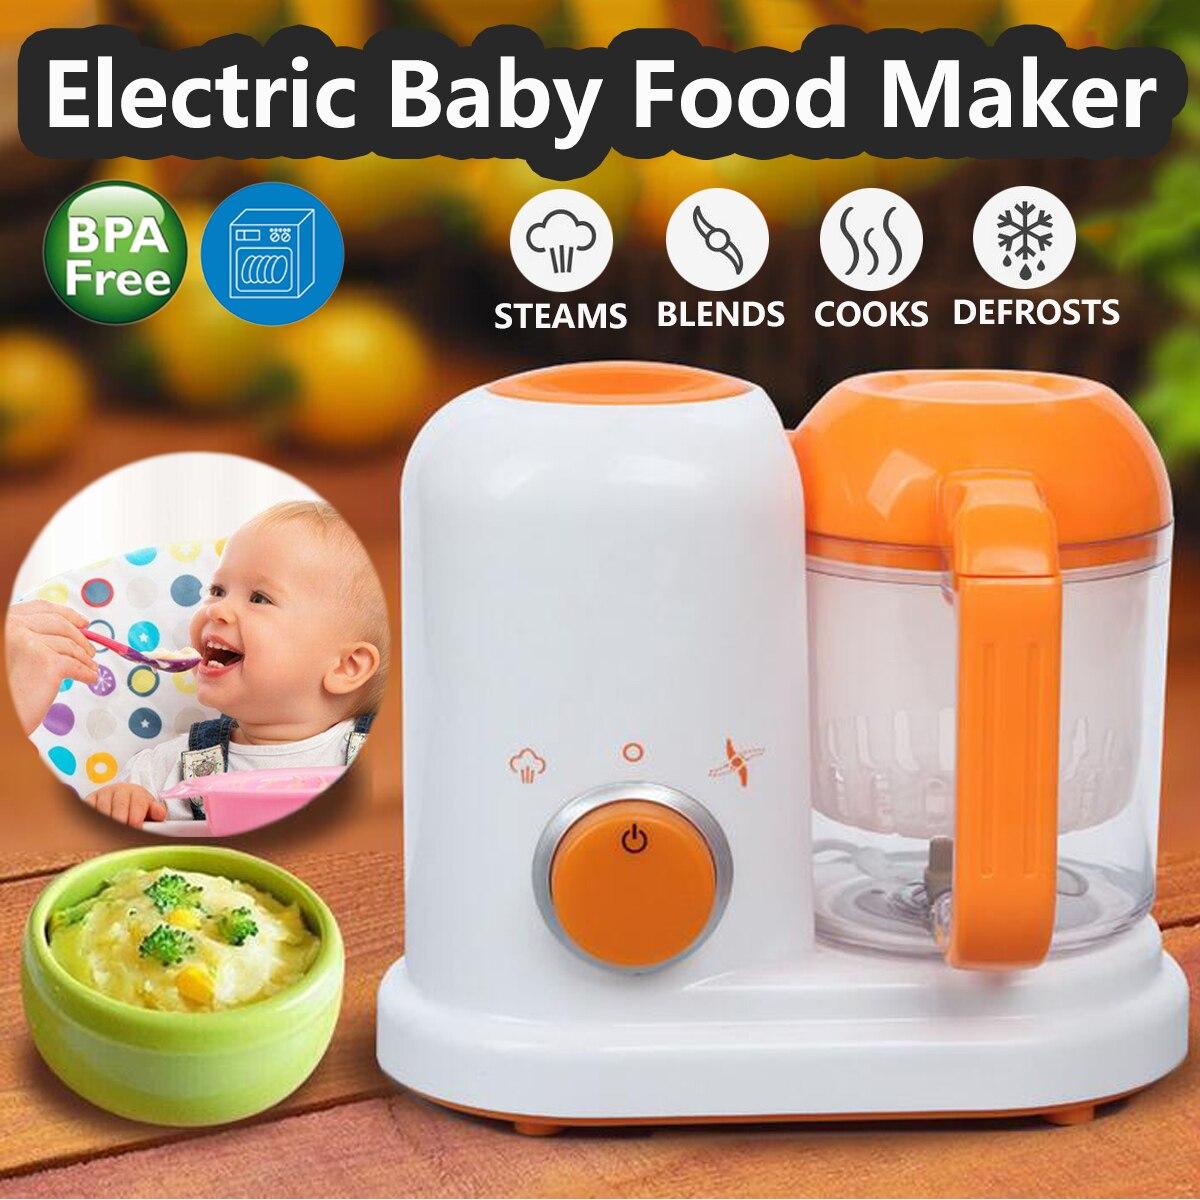 Elétrica Fabricante de Comida de Bebê Tudo Em Um Da Criança Liquidificadores Steamer Processador de Alimentos Livres de BPA-Graduada PP AC UE 200 -250V Vapor de Alimentos Seguros